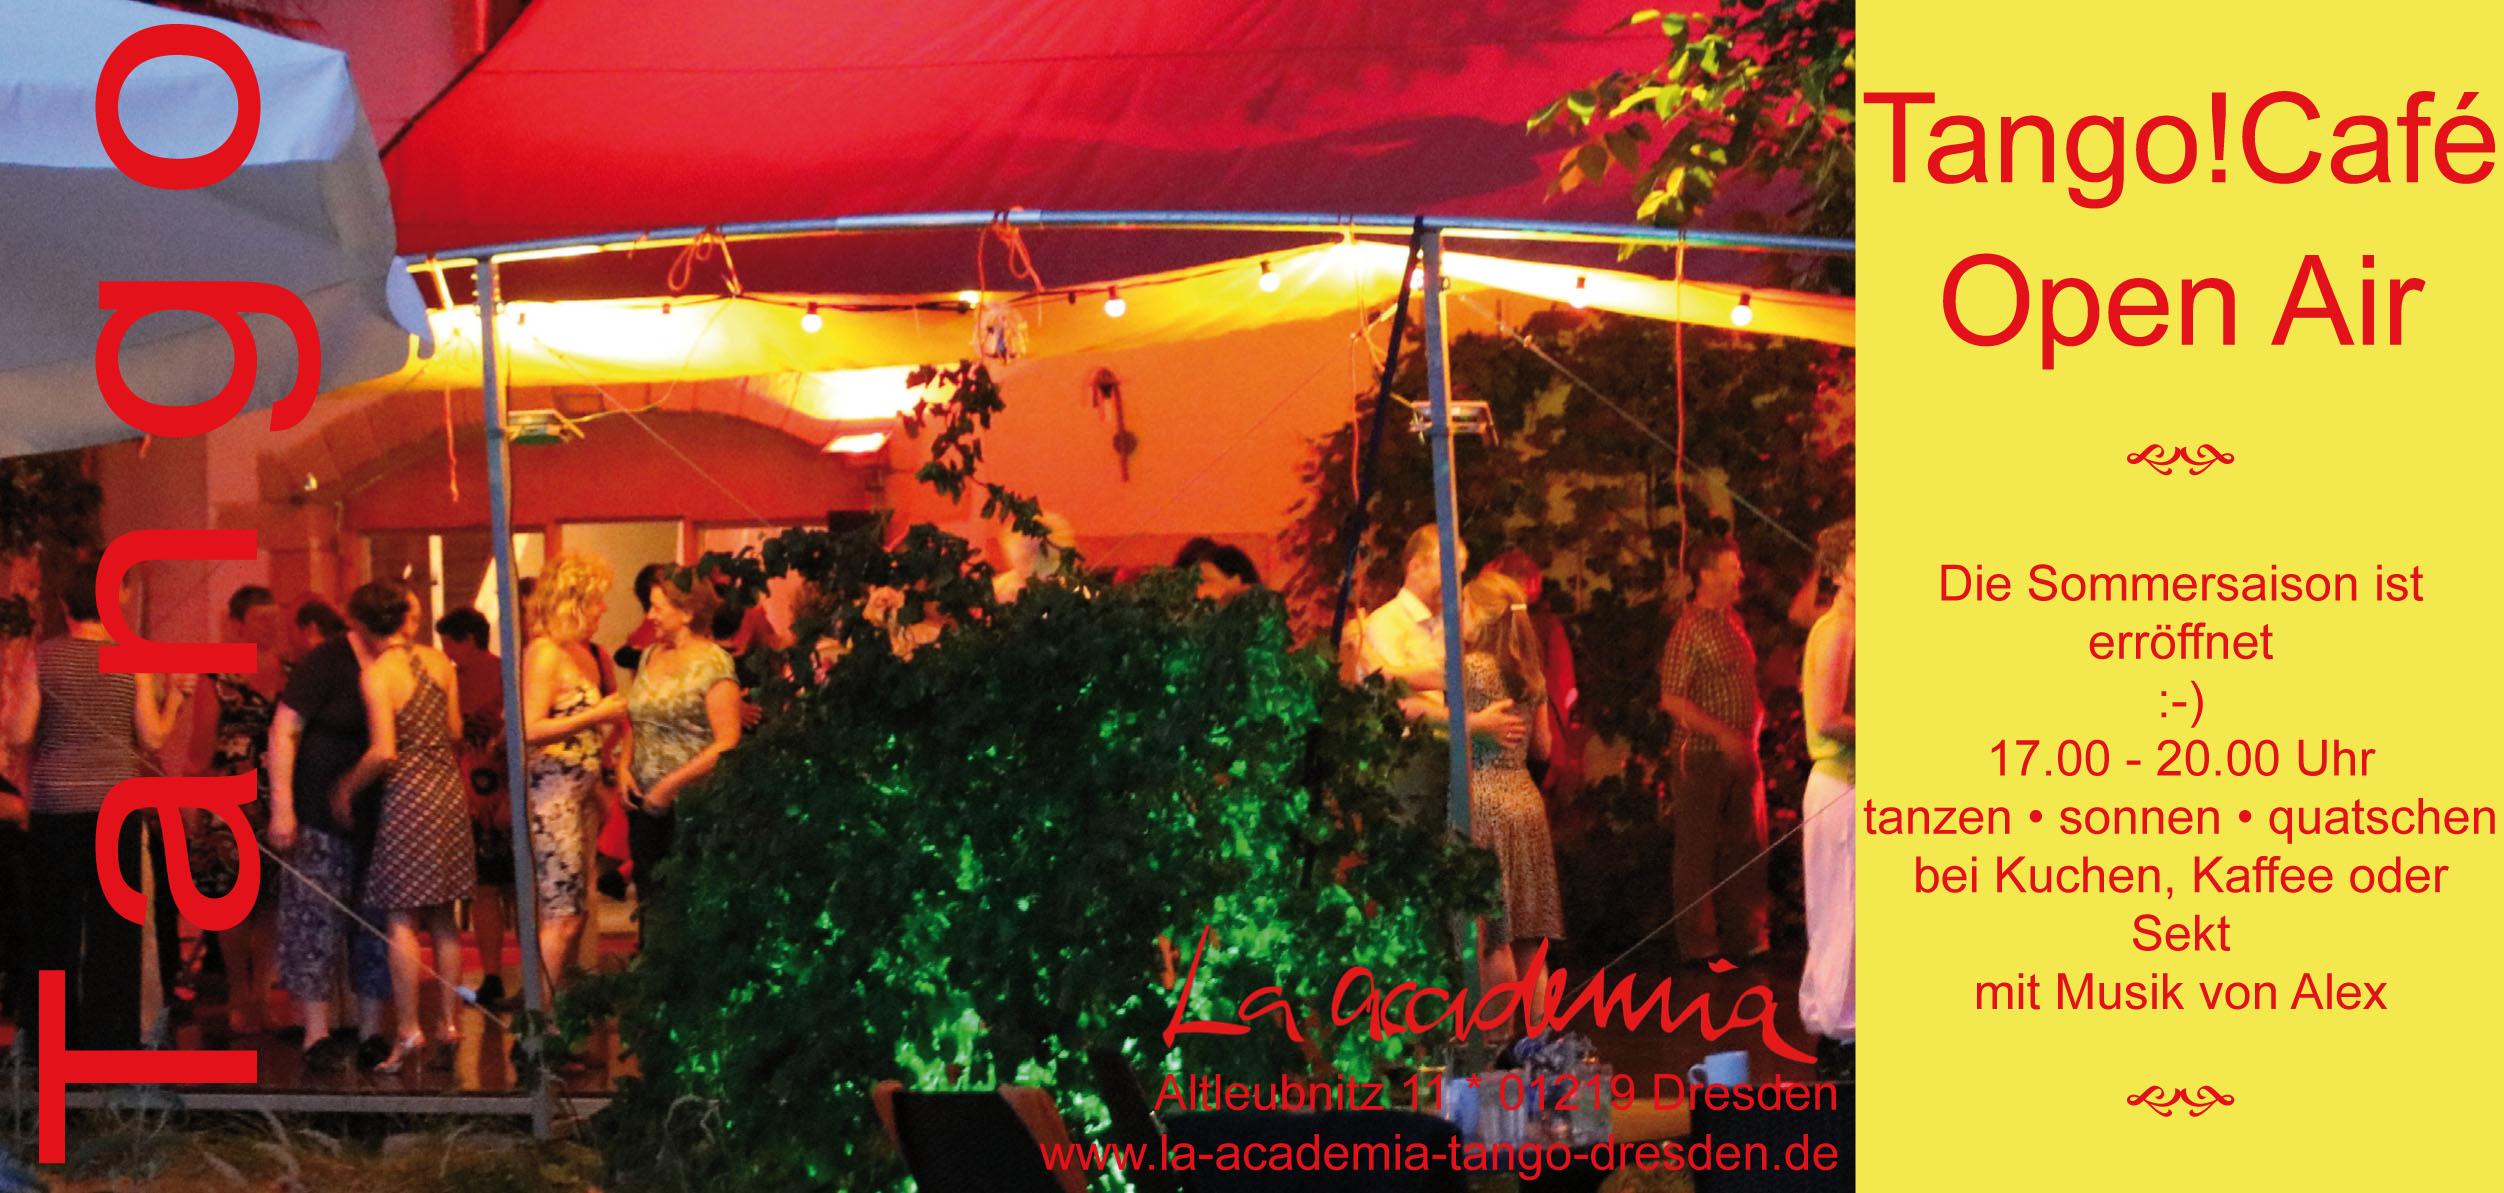 La academia Tango Dresden • Tango argentino Dresden • Tango Tanz Kurse für Anfänger Beginner Wiedereinsteiger Mittelstufe Fortgeschrittene • Wechselkurs • Rollentausch • Tango Übungsabend • Frauen führen Frauen • Double Role • Carsta Mock und Alex Mock • Milonga • Veranstaltungen • Tango Café • Gastlehrer Leandro Furlan Gaia Pisauro Ruth Rozelaar Ines Moussavi Judith Preuss Mabel Rivero • Tango Marathon • Tango argentino lernen und tanzen mit einem Lächeln • IRON TANGO • Totally in Tango • Tango summit camp • Tango Sommer Camp Frankreich • LIVE MUSIK Sexteto Visceral • Gervasio Manuel Ledesma Dresden Tango Kalender • Tango tanzen mit einem Lächeln • Tango lernen mit einem Lächeln • La academia Tango Dresden